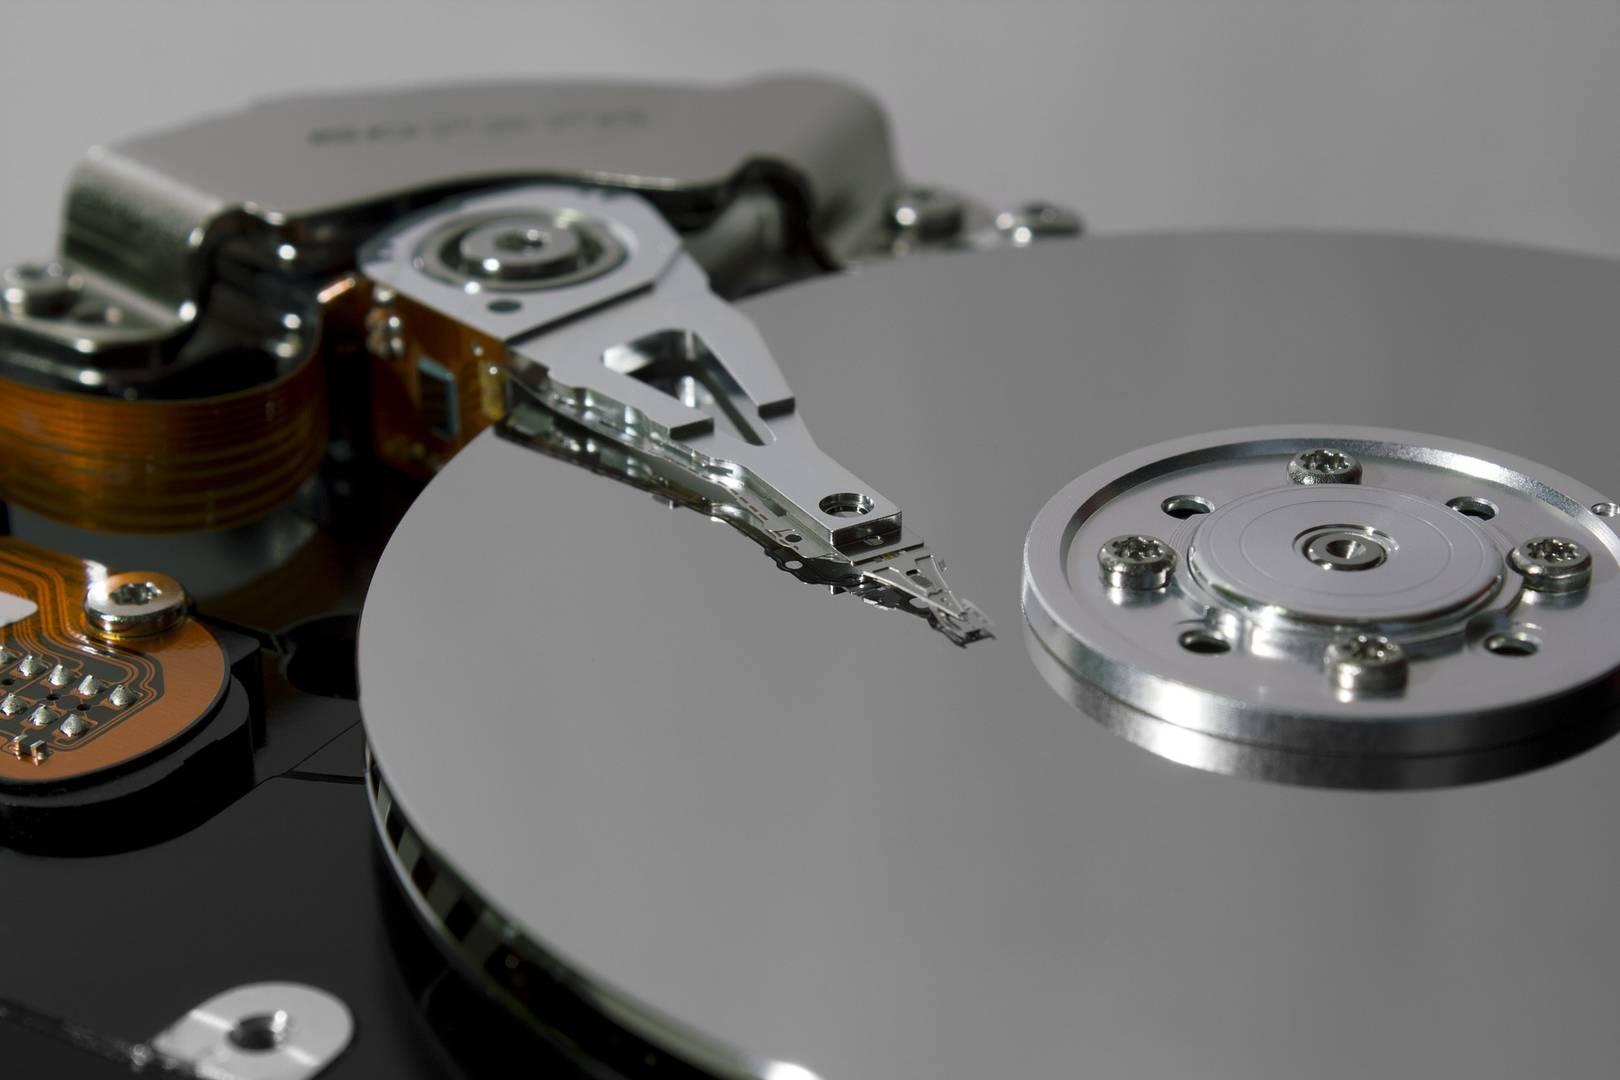 recuperar archivos eliminados de disco duro